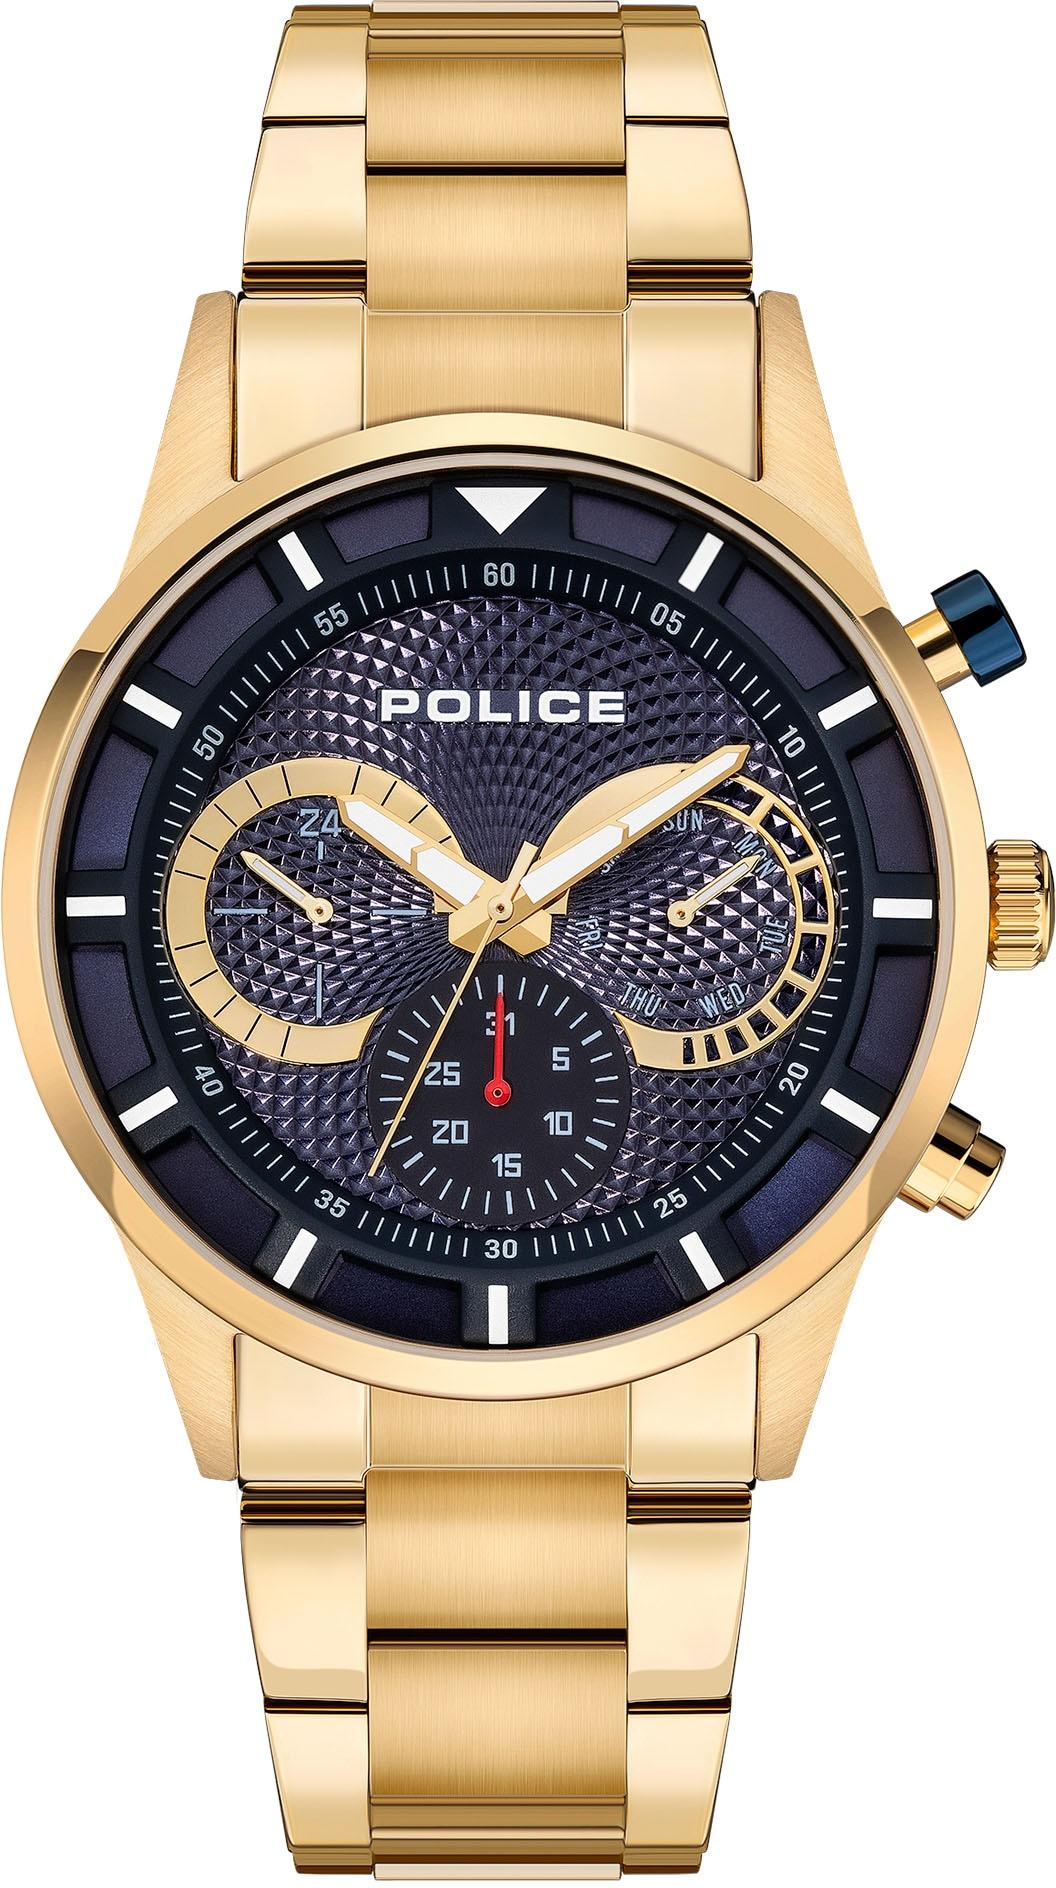 police -  Multifunktionsuhr DRIVER, PEWJK2014302